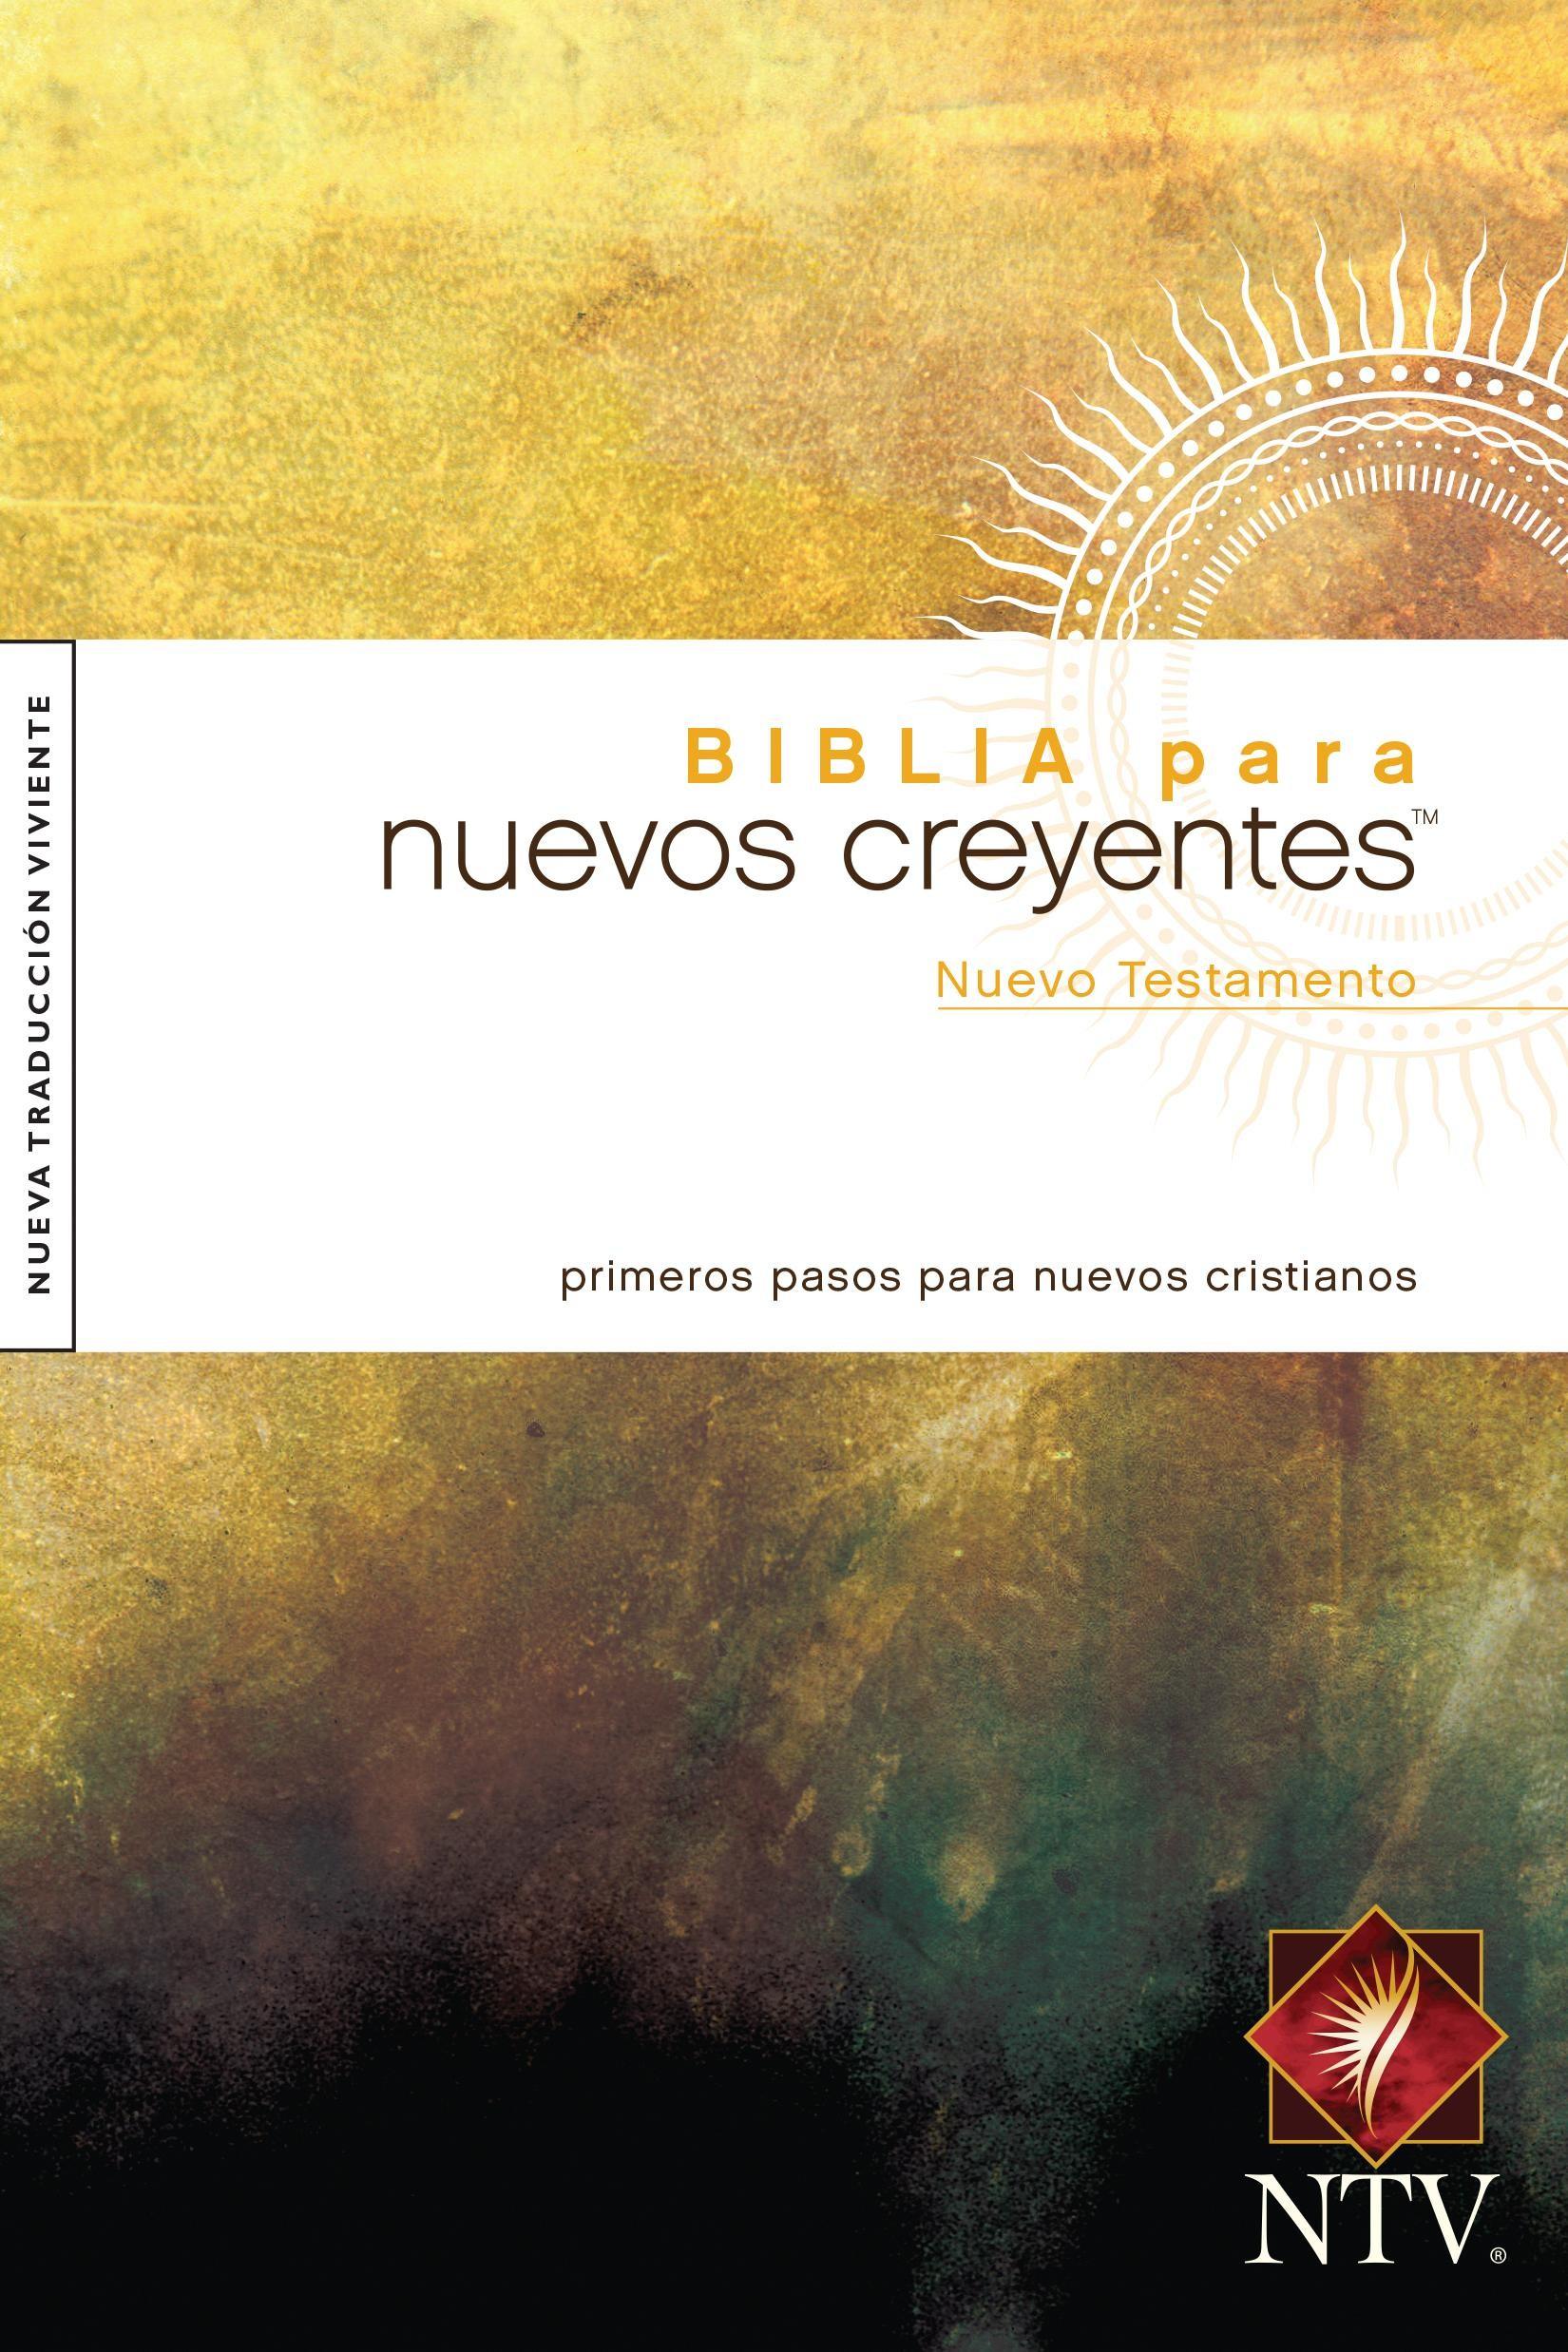 Biblia para nuevos creyentes Nuevo Testamento NTV (Tapa rústica)